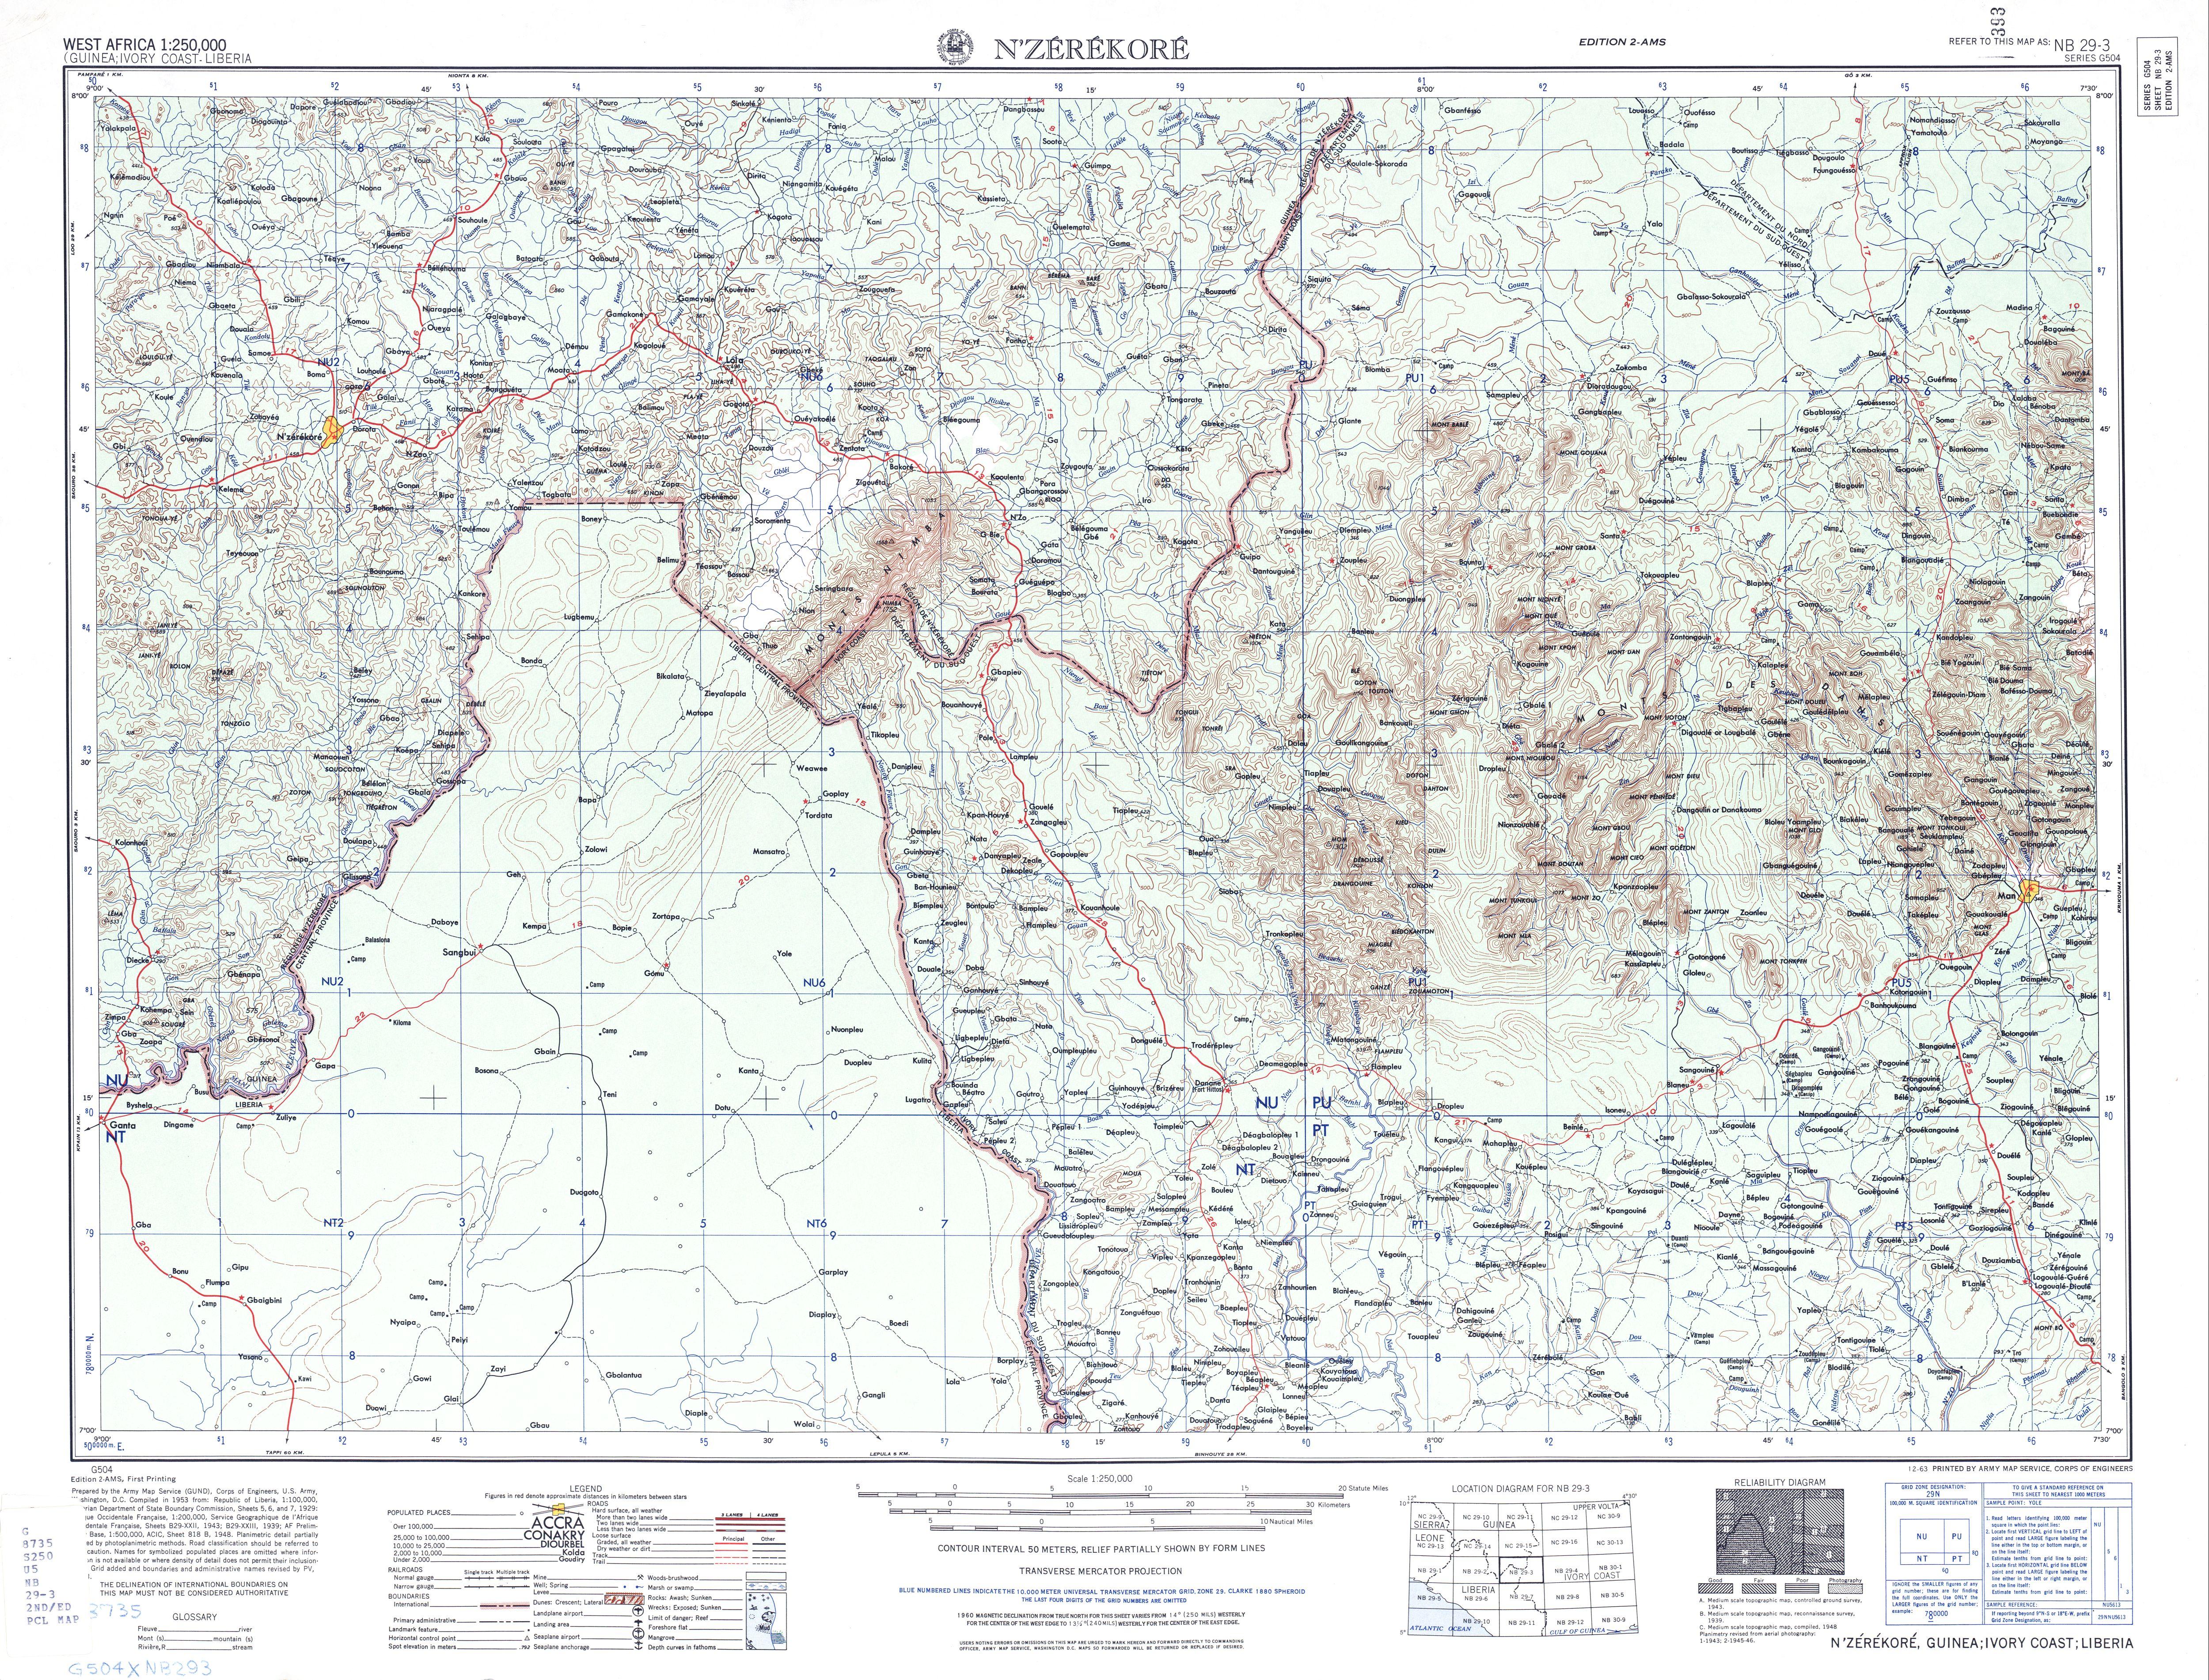 Hoja N'zerekore del Mapa Topográfico de África Occidental 1955